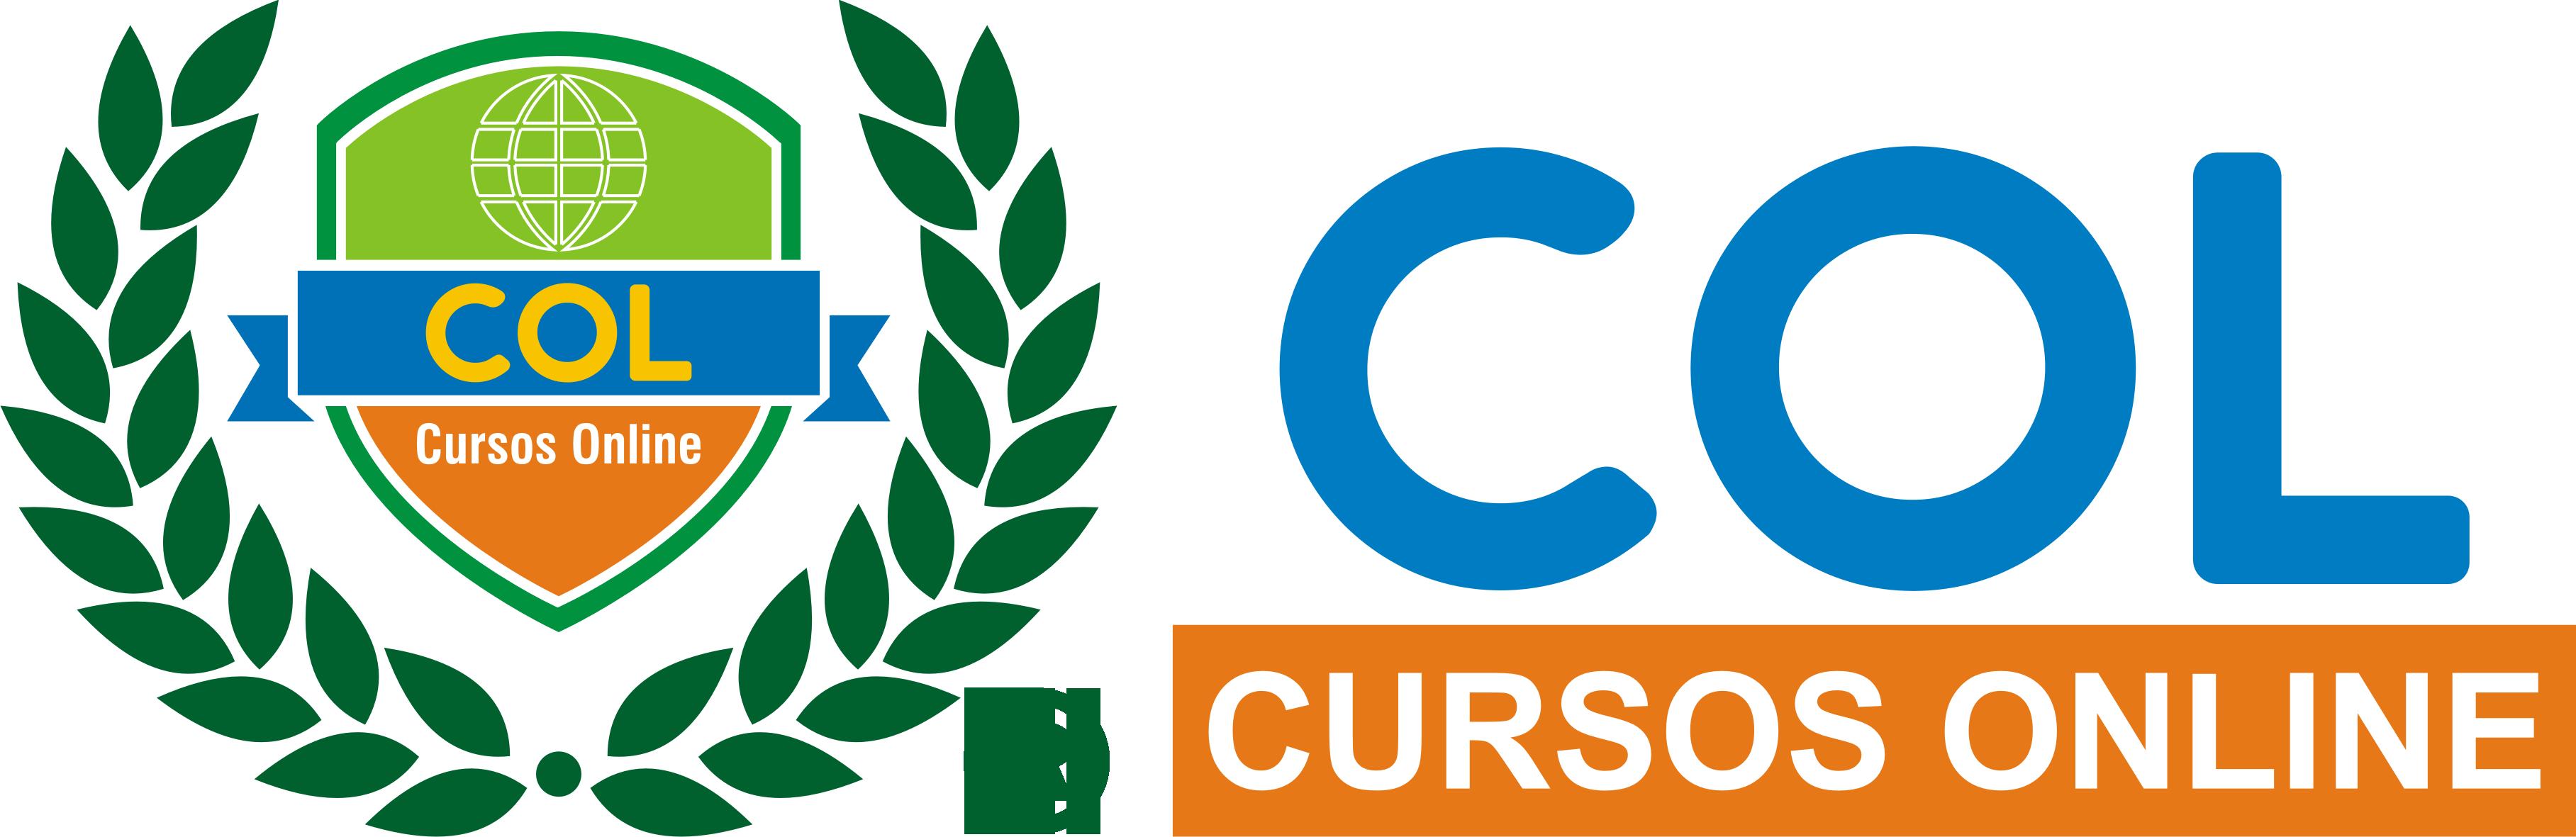 ®Col Cursos Online